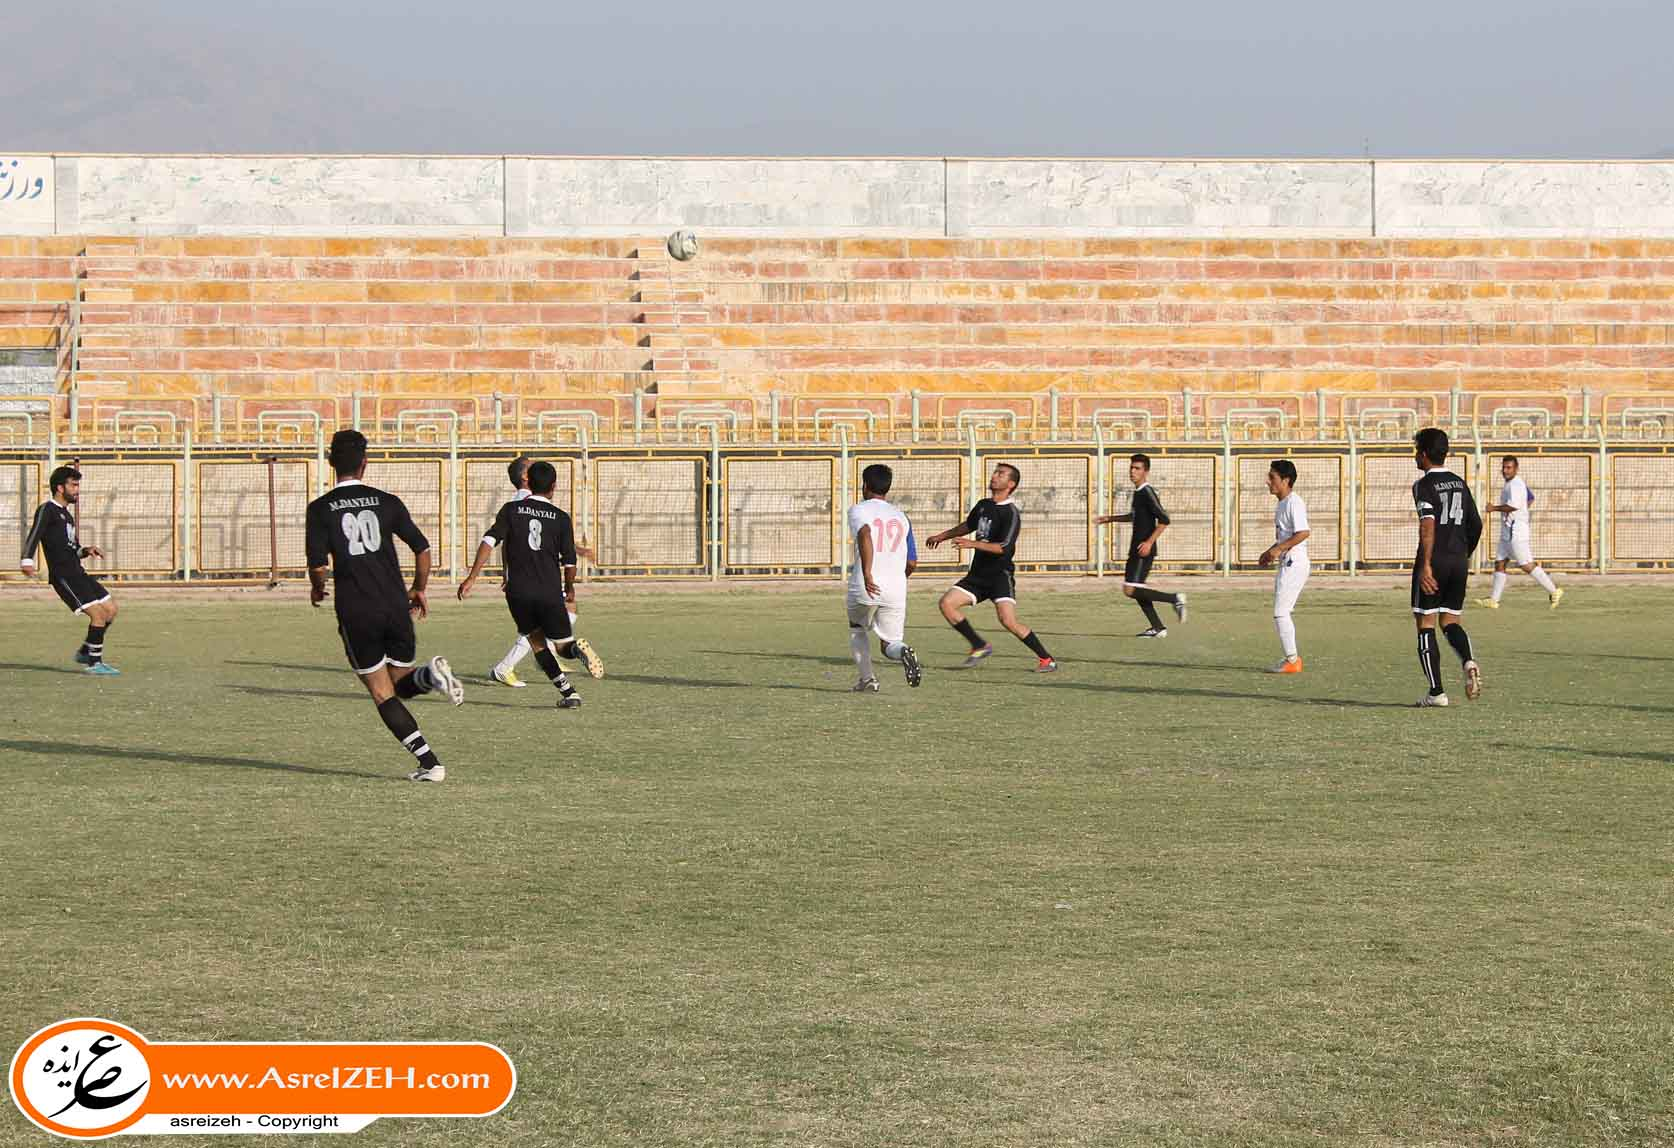 پدیده با شکست شاهین به مقام سومی لیگ فوتبال ایذه رسید